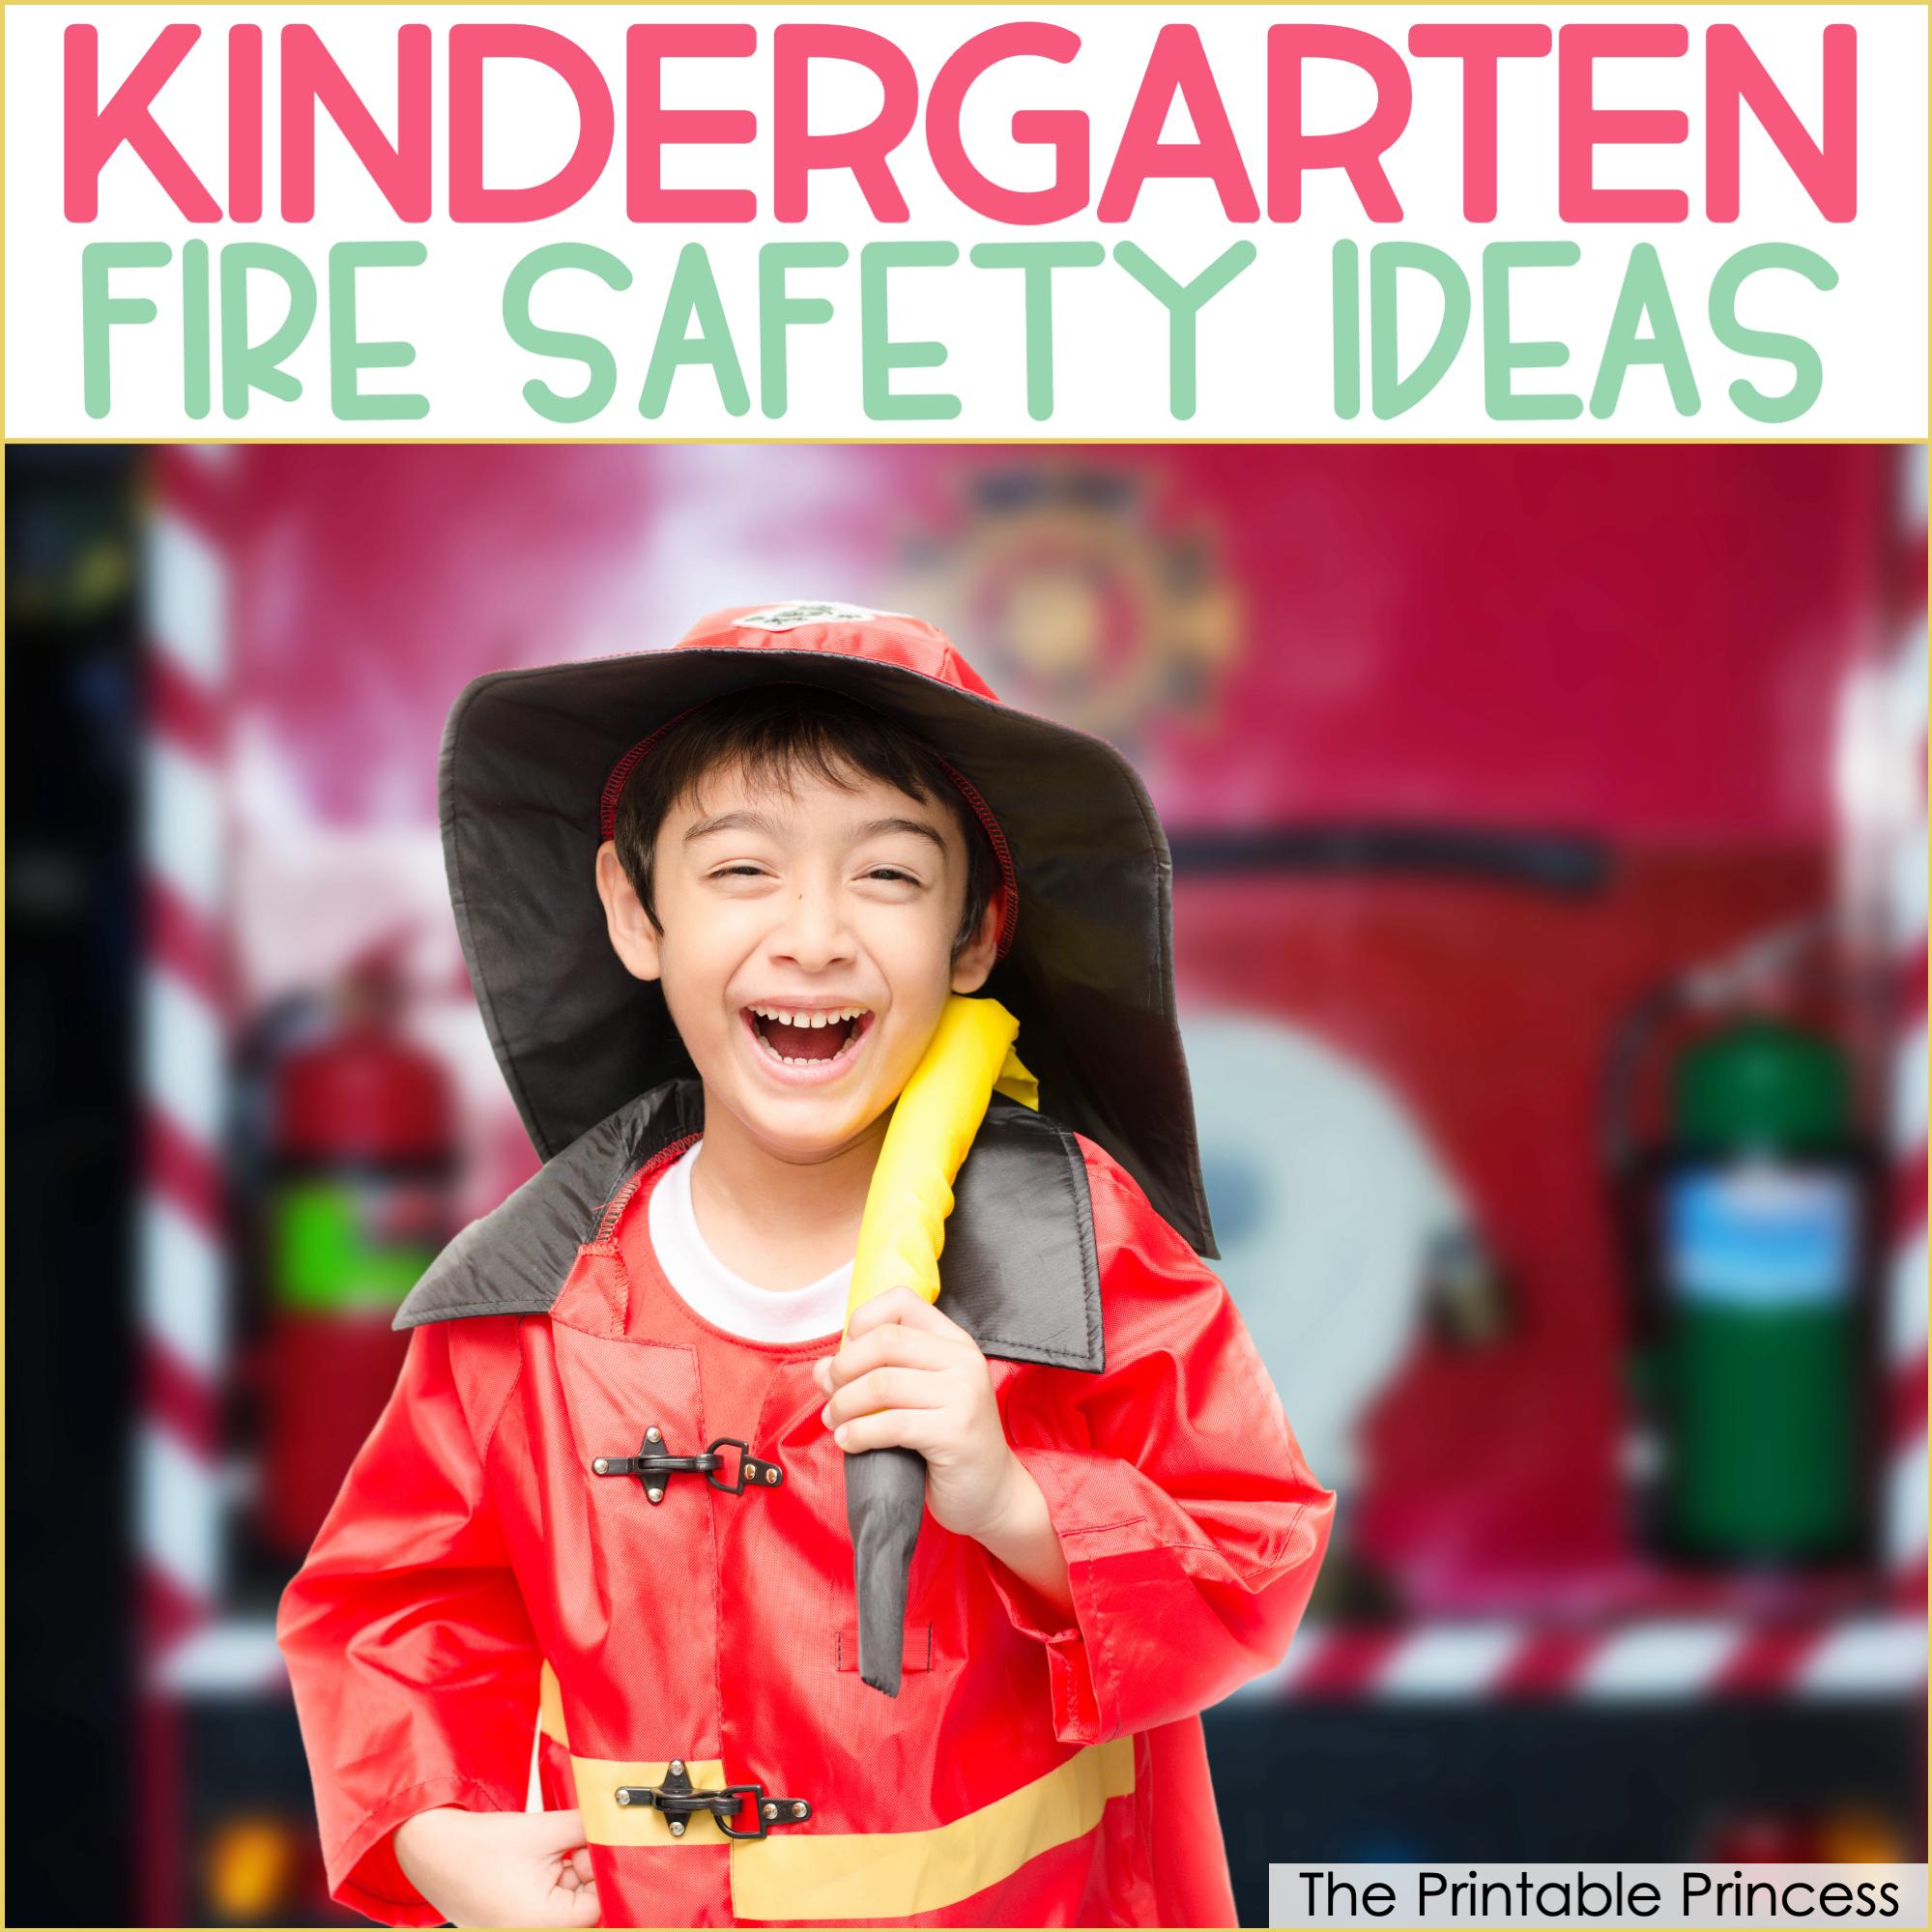 Fire Safety Activities for Kindergarten